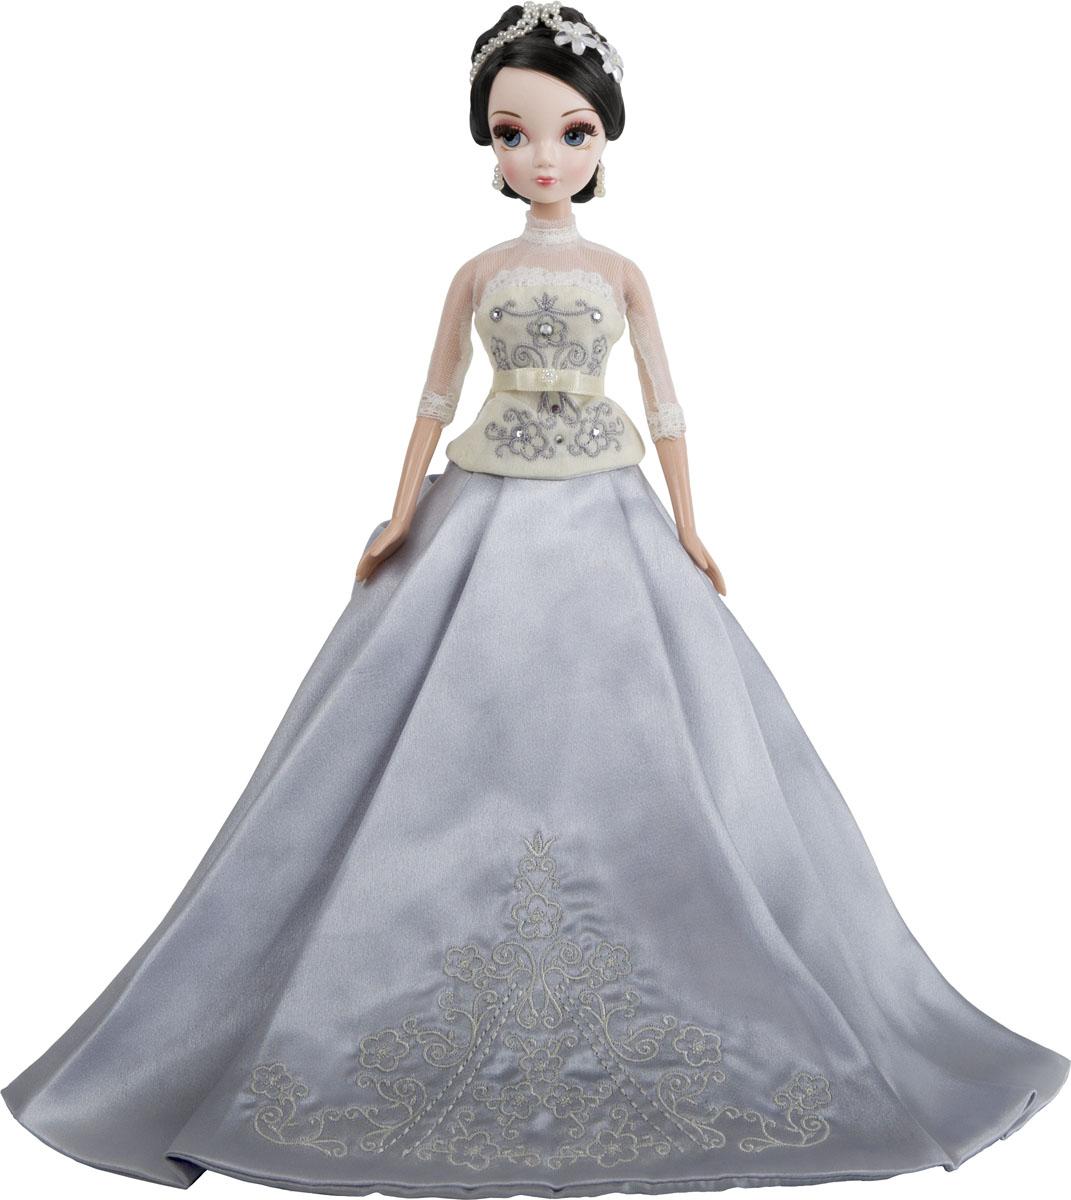 Sonya Rose Кукла Gold Collection Зимняя сказкаR9086NОчаровательная кукла для игр маленьких принцесс. Кукла Sonya Rose - шикарная девочка, которая никогда не останется незамеченной. Ее шикарные волосы темные и уложены в оригинальную прическу, которая декорирована аксессуаром белого цвета. Платье куклы состоит из бледно бежевого корсета, вышитого стразами, с прозрачными вставками на руках и груди и грациозную белоснежную юбку в пол, украшенную снизу кружевом. Куклы от Sonya Rose всегда становятся оригинальным подарком для малышки. Эта игрушка подвижна в руках малышки, что делает игры более реалистичными и увлекательными, ведь такую куклу можно усадить на стул, наклонять ее голову, двигать ее ручками и ножками. Все куклы Sonya Rose отличаются роскошными нарядами, способствуя развитию эстетического вкуса ребенка. В процессе игры ребенок развивает мелкую моторику, воображение и тактильные ощущения. Продукция сертифицирована, экологически безопасна для ребенка, использованные...